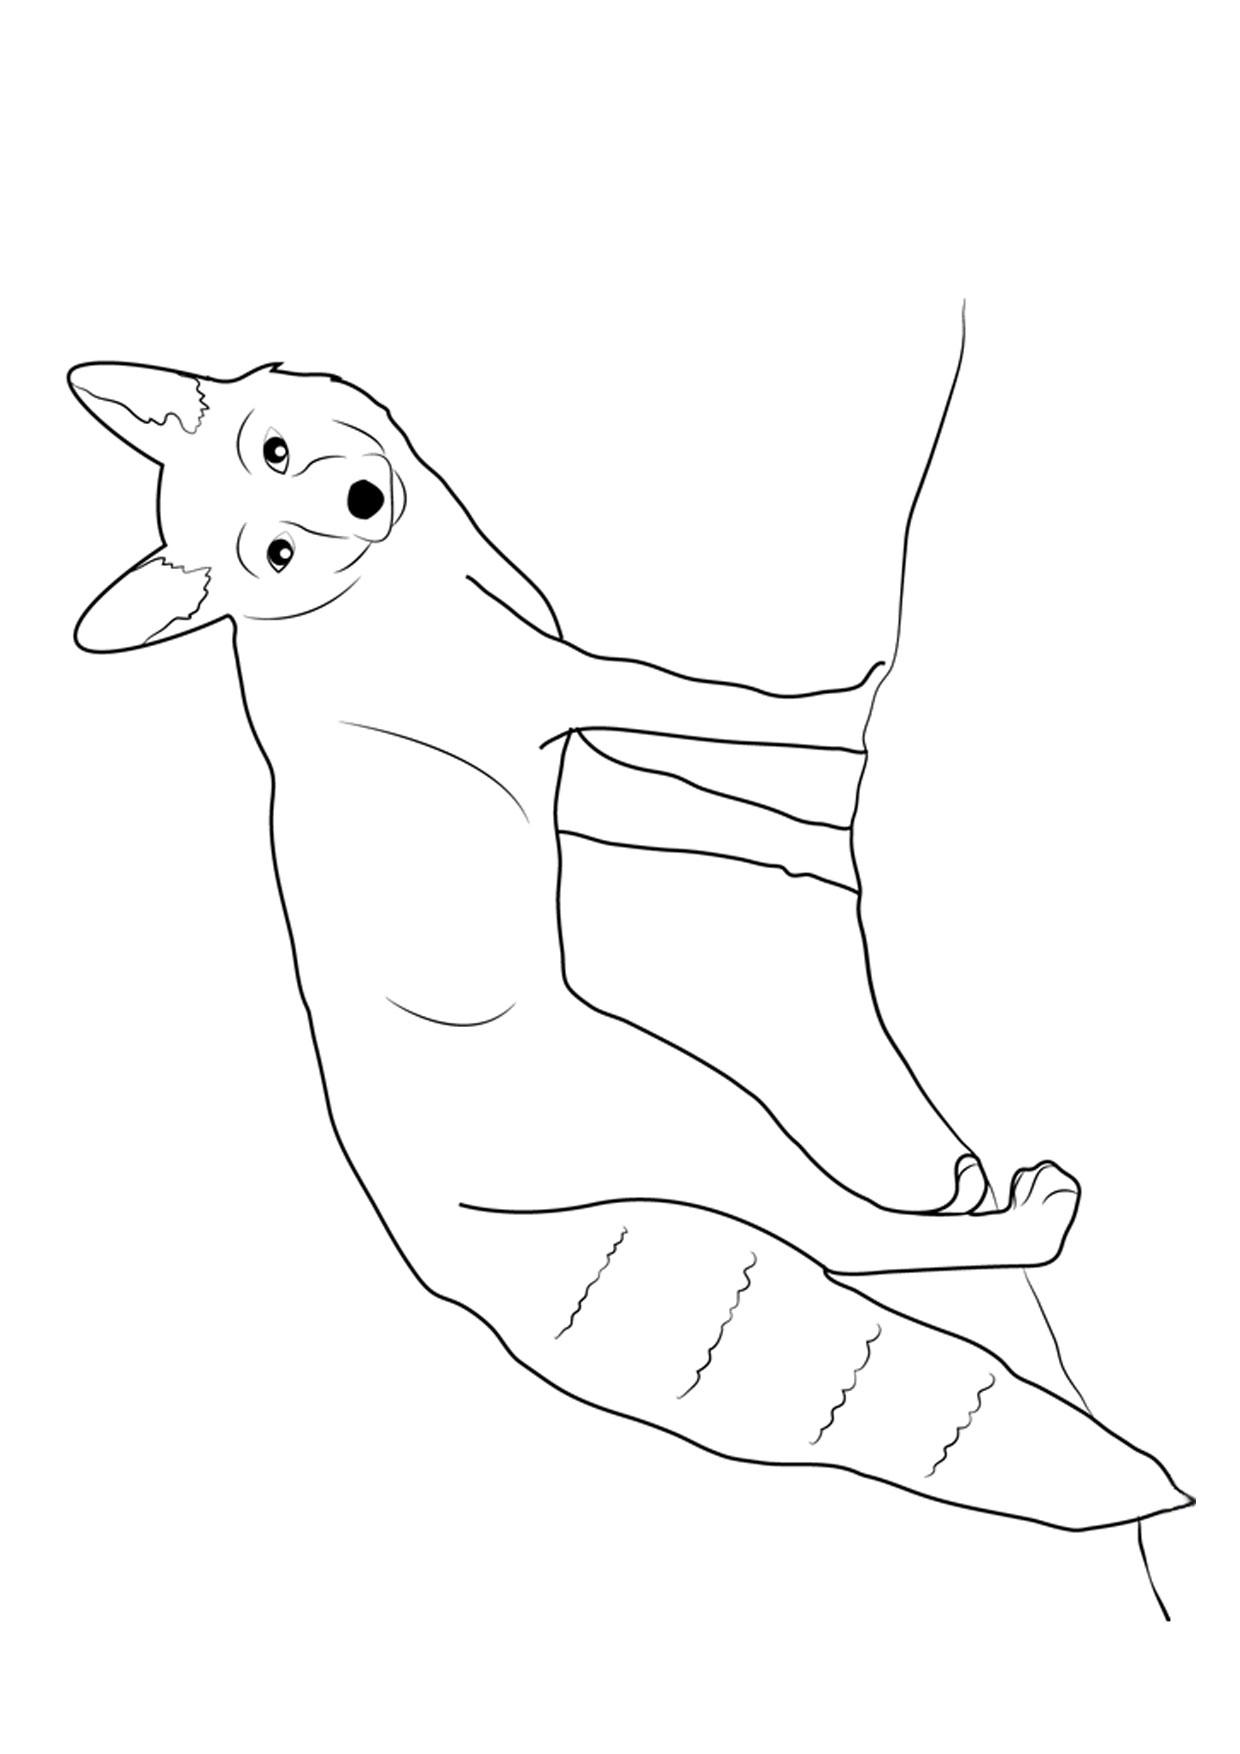 Disegno di volpe da colorare 19